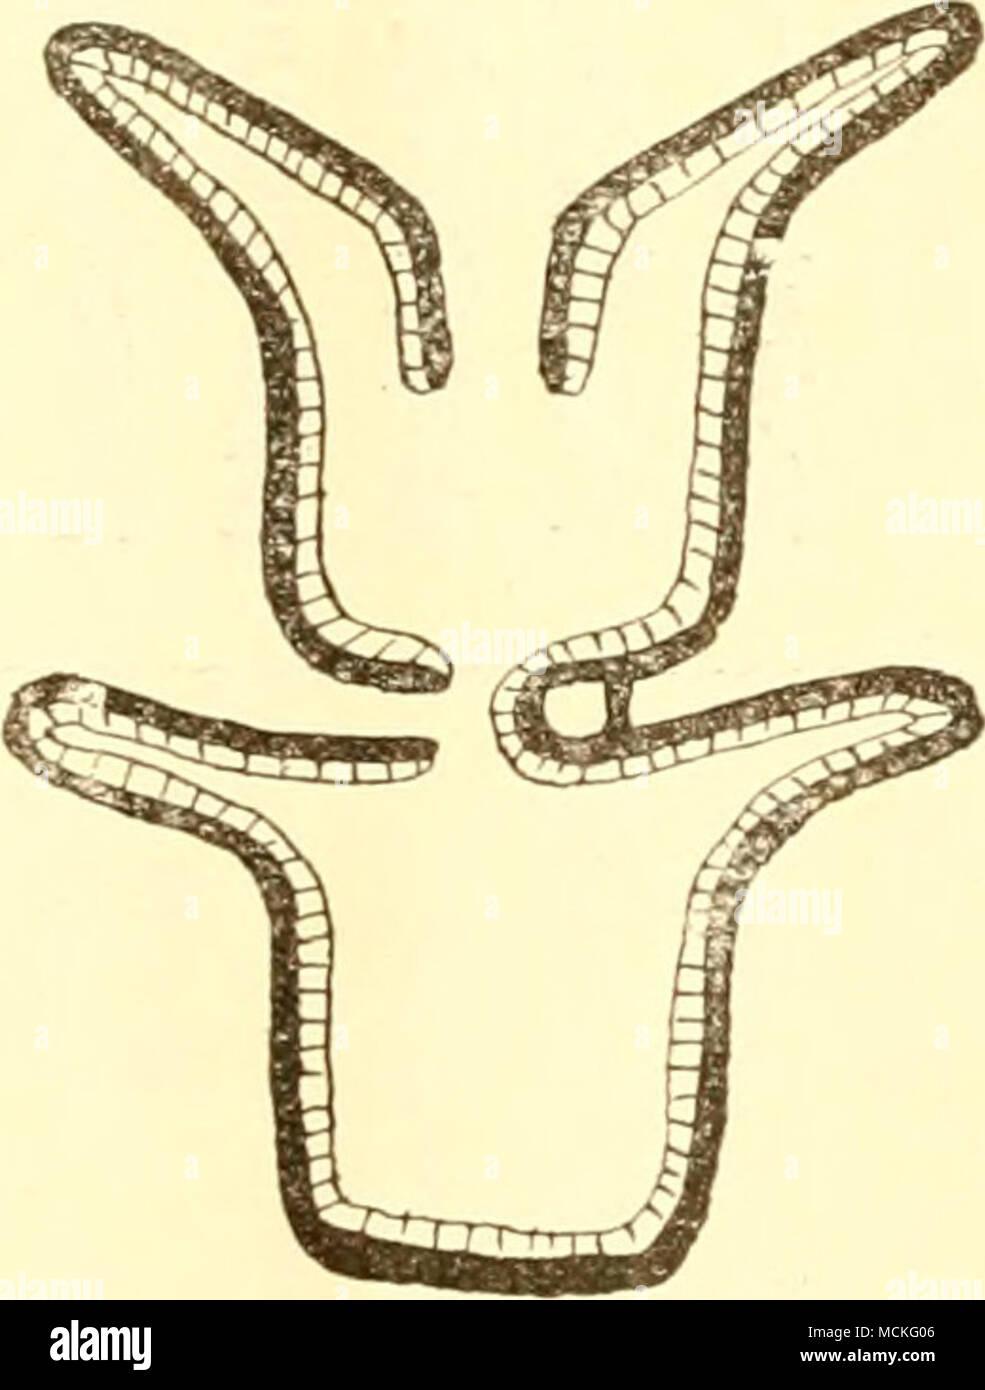 ロレックス 種類 人気   クロエ バッグ 種類